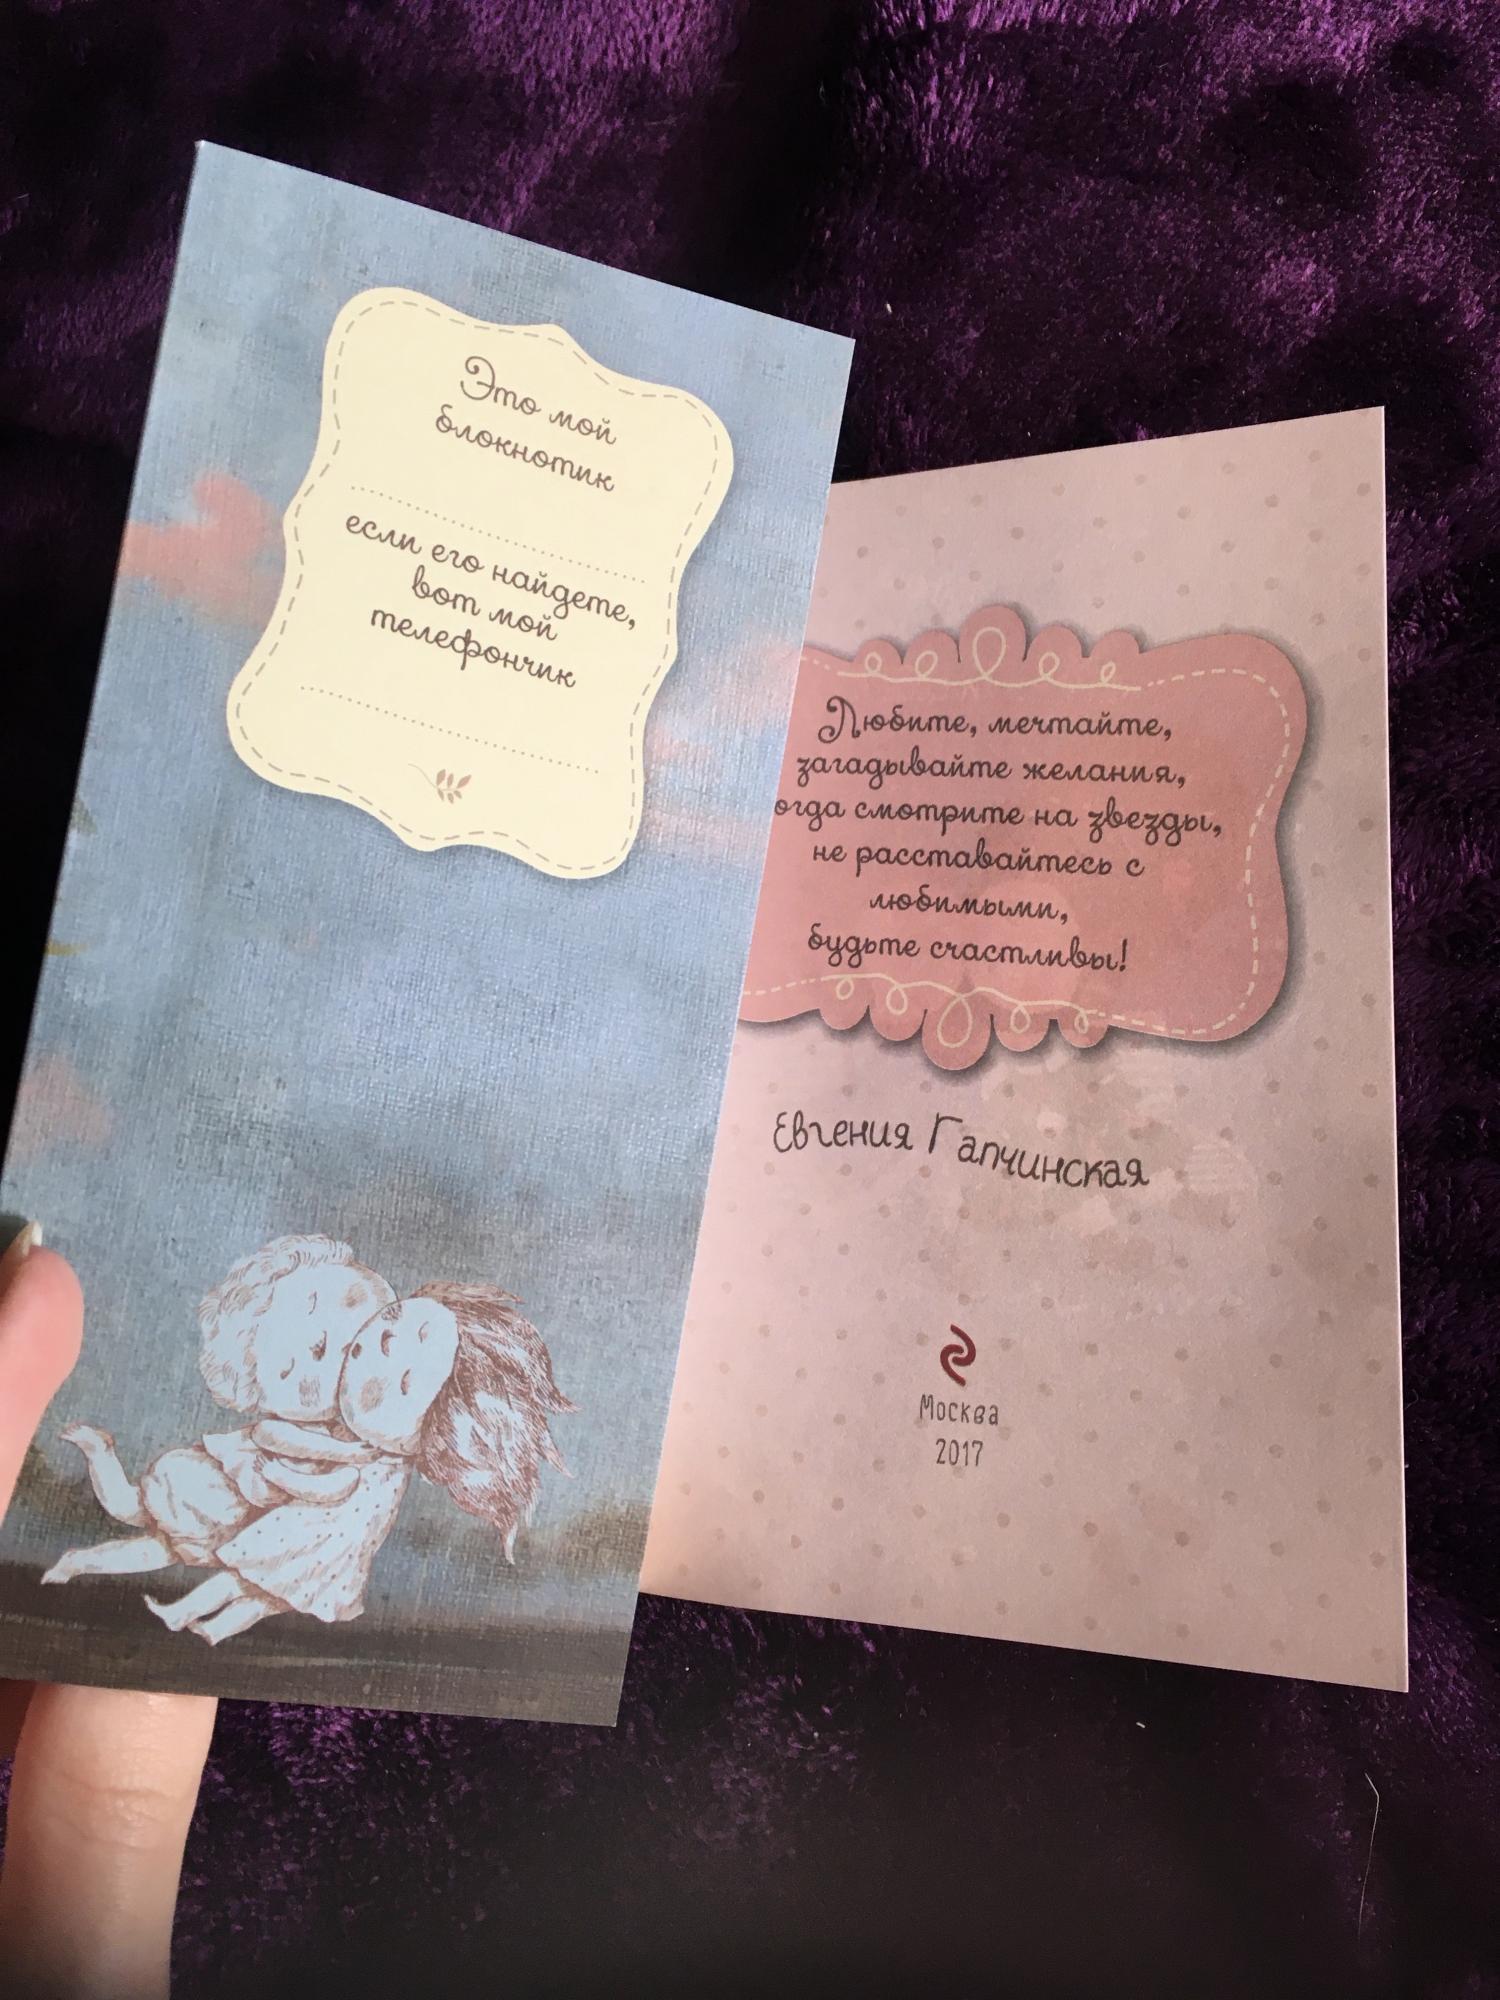 Авторский блокнот ты и я Евгения Гапчинская в Москве 89775750389 купить 2